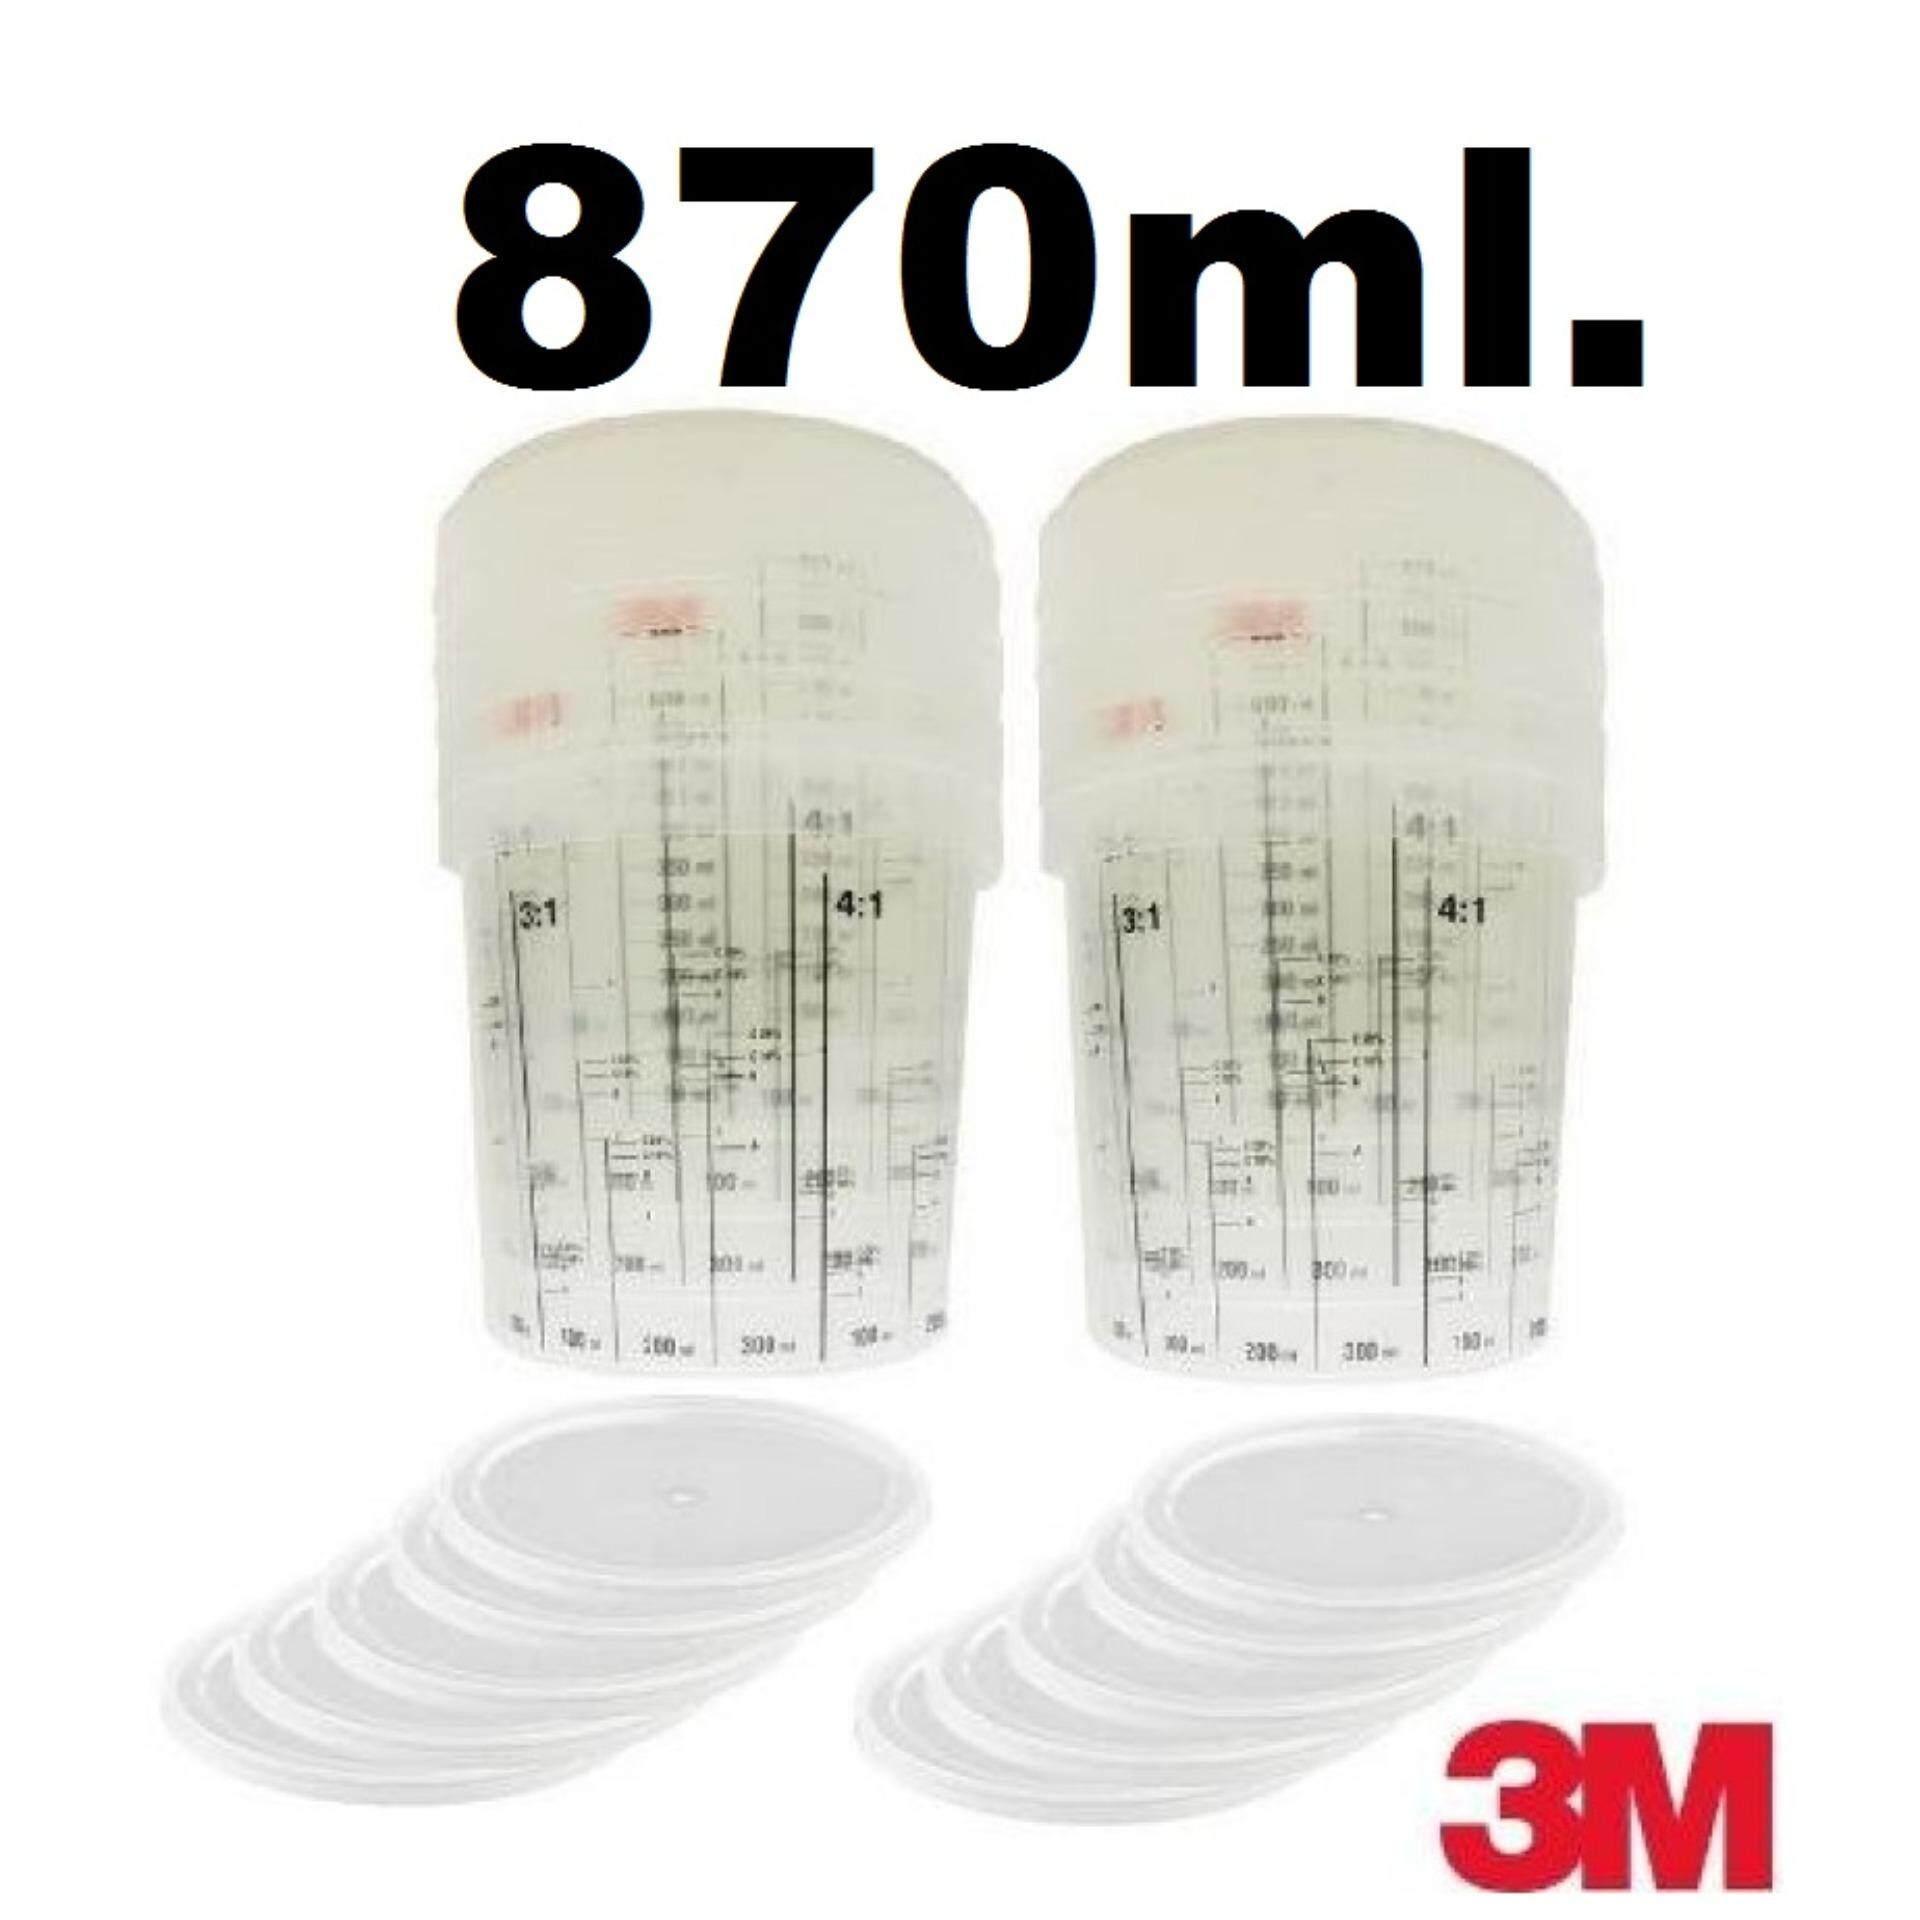 ทบทวน 3M ถ้วยเก็บสี ผสมสี ขนาด 870มล 10ใบ พร้อมฝา Paint Mixing Cup With Lid 50403 50407